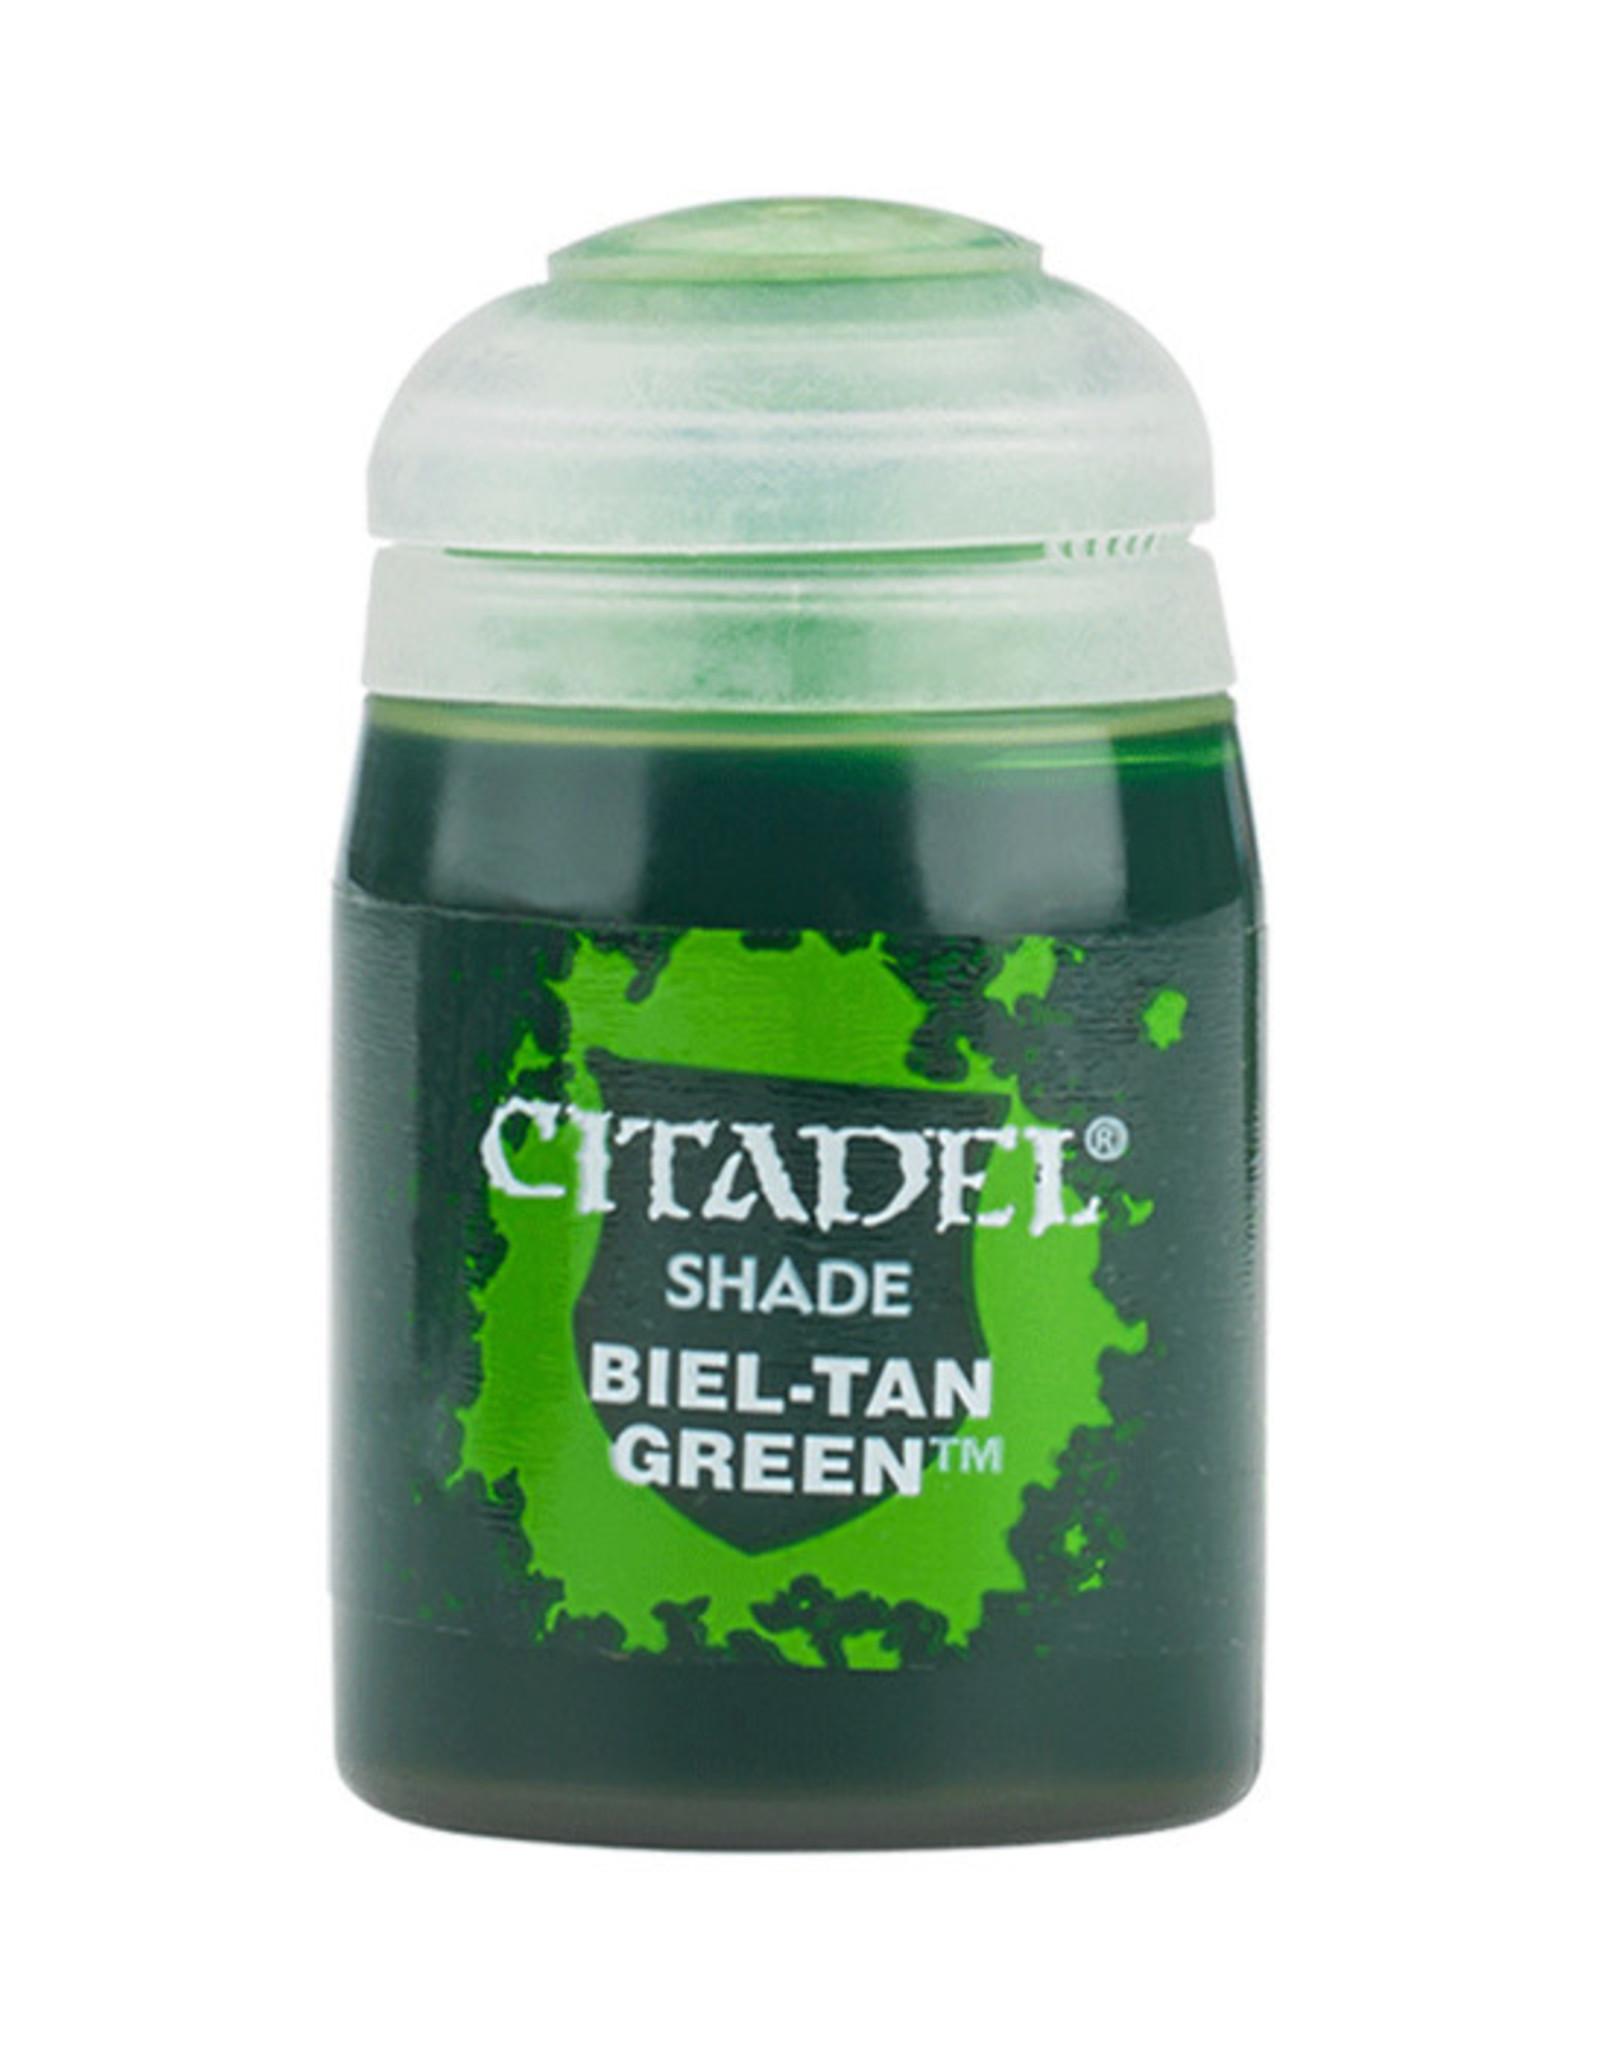 Citadel Citadel Colour: Shade - Biel-Tan Green